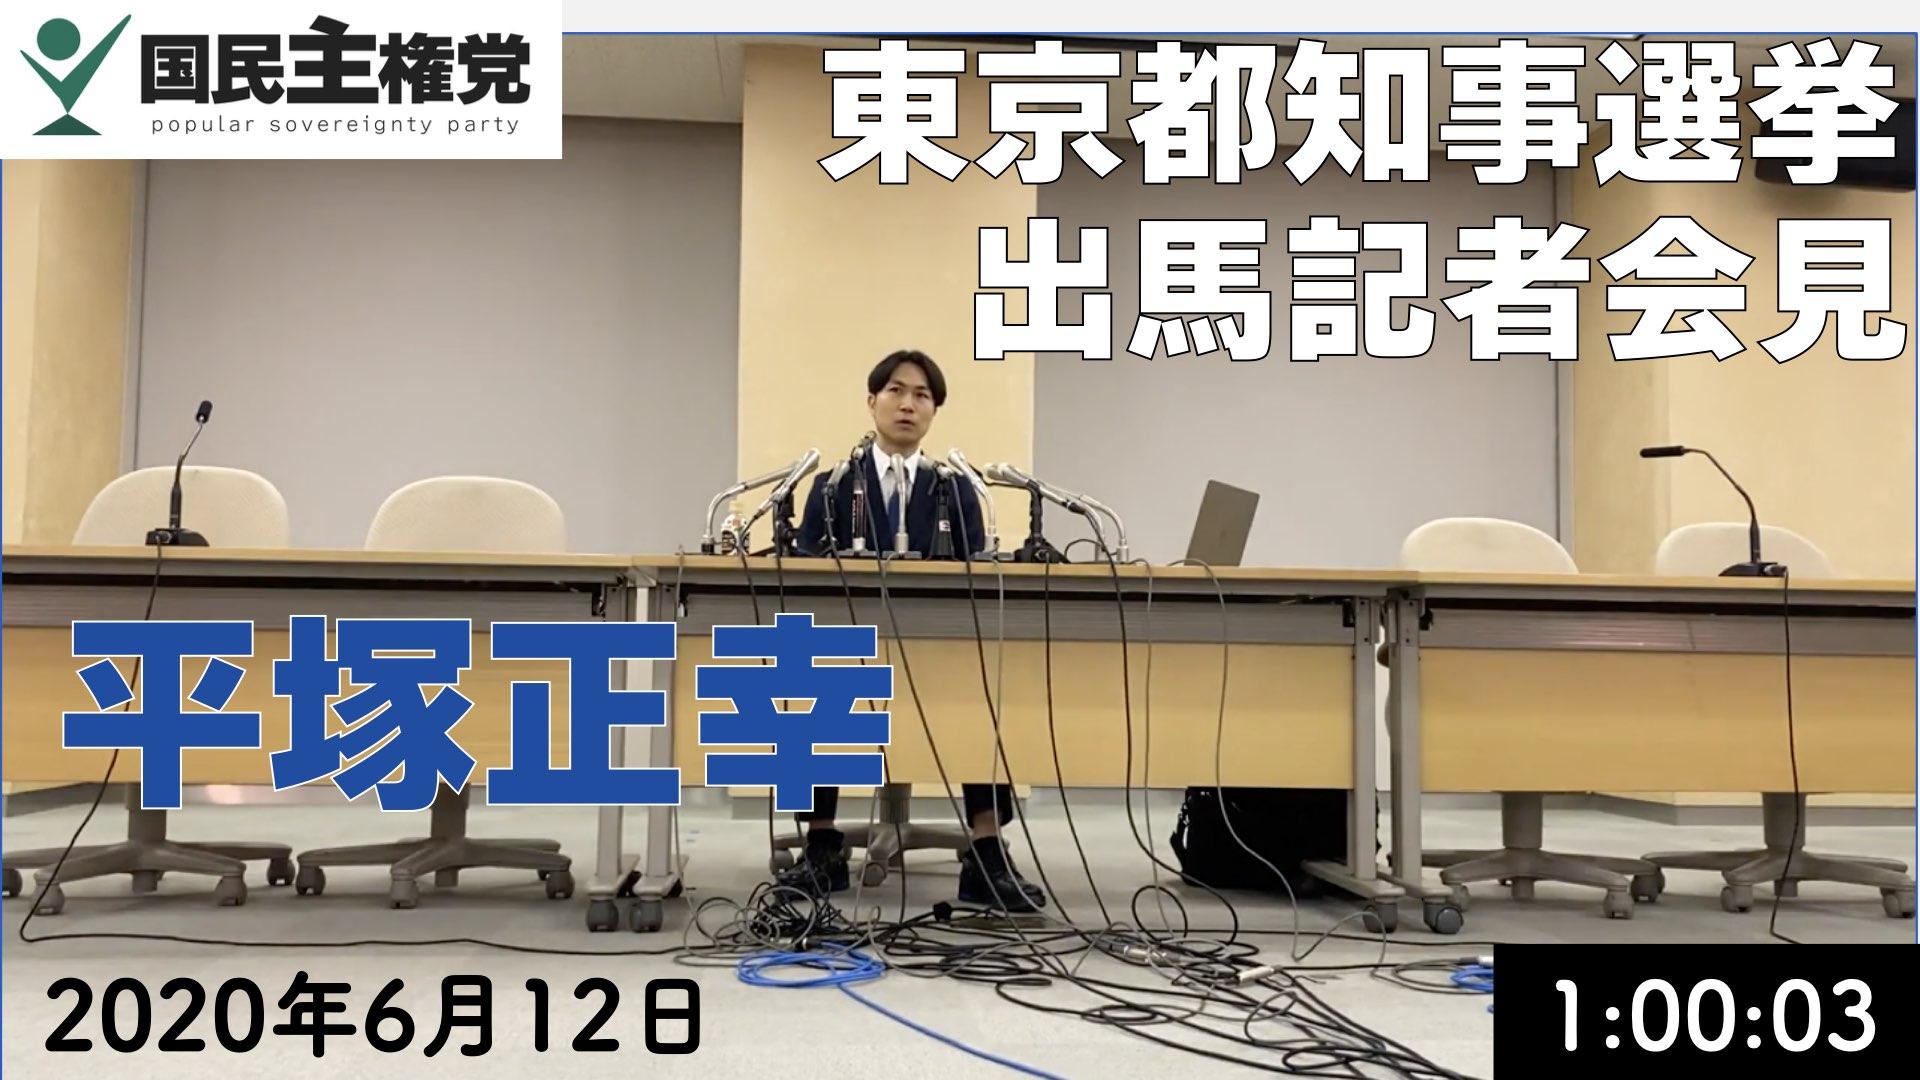 平塚正幸 東京都知事選挙出馬記者会見 国民主権党